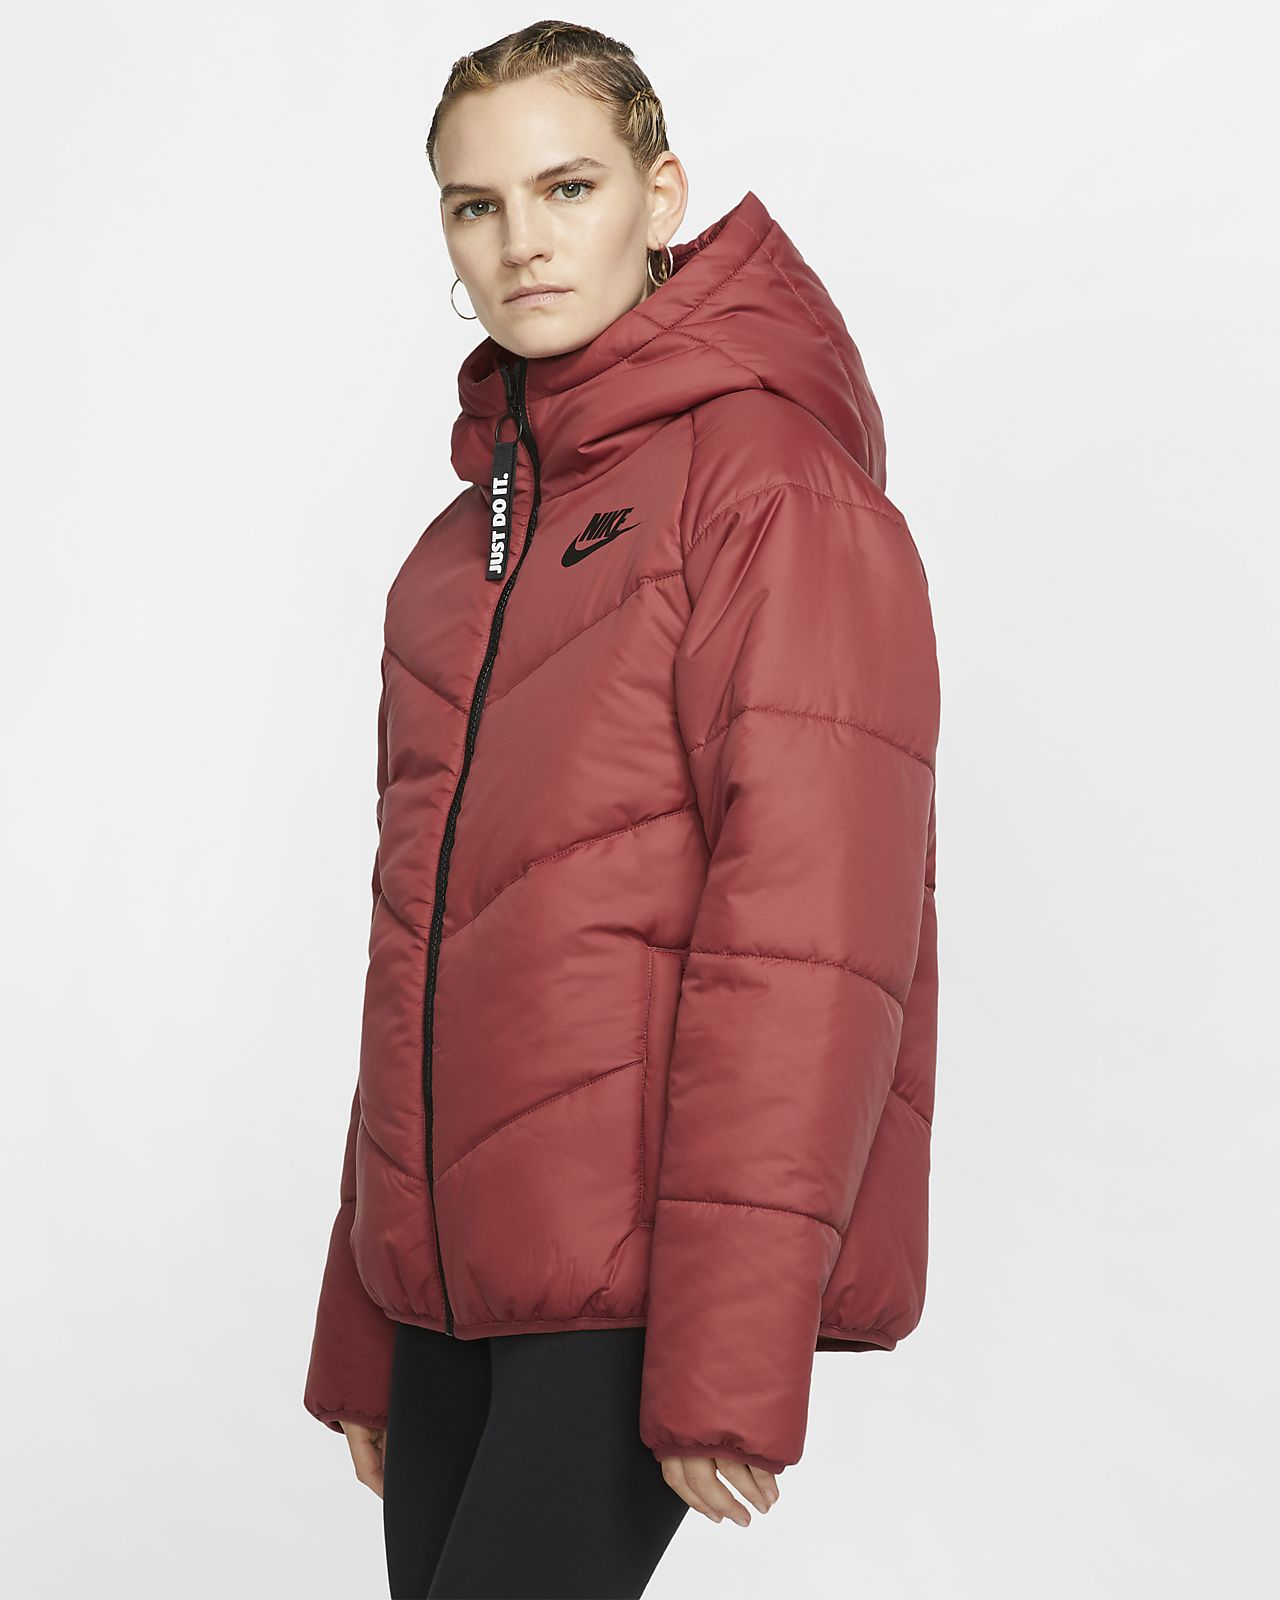 Dámská bunda Nike Sportswear Windrunner s kapucí